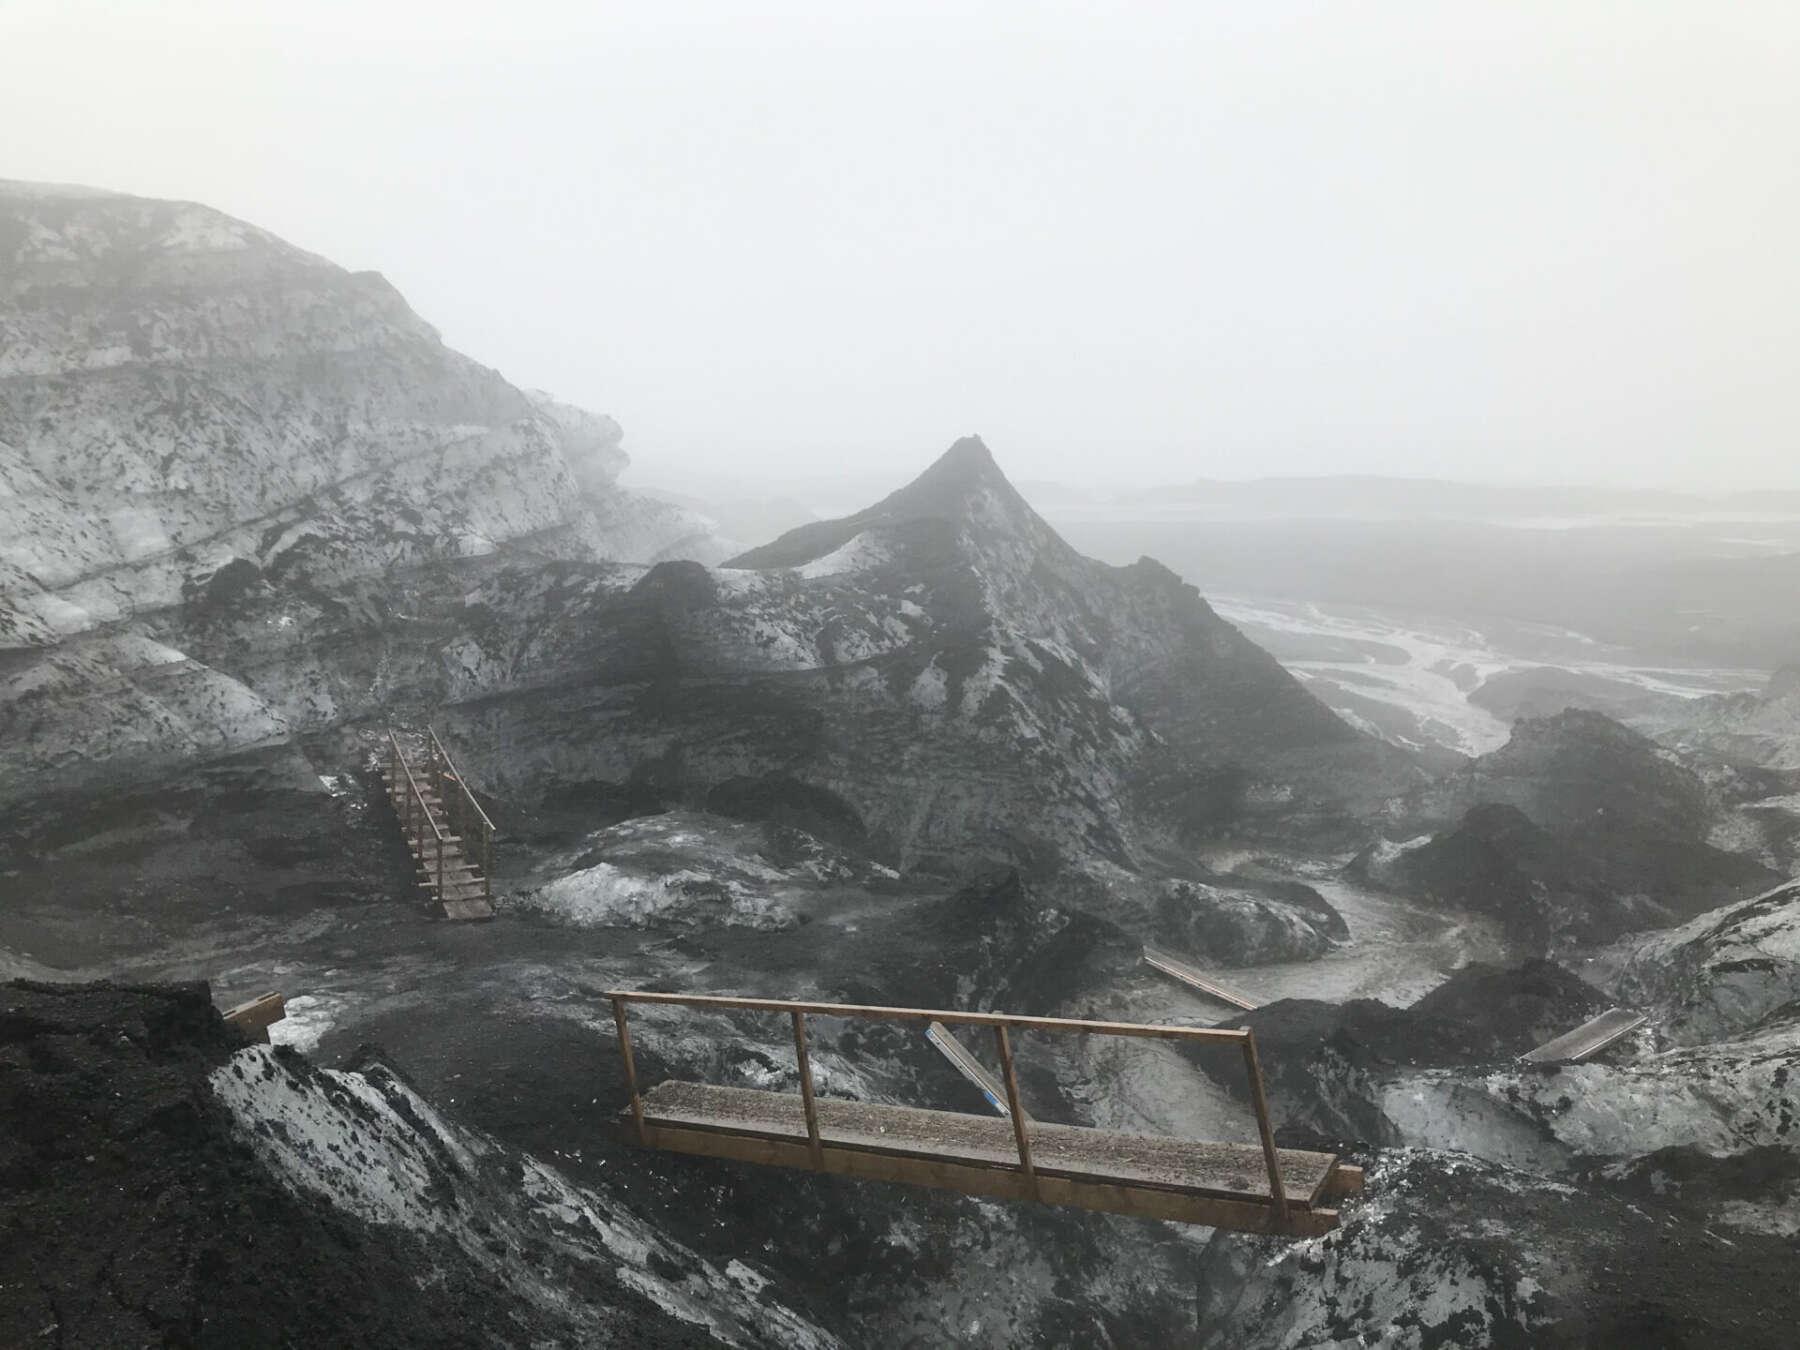 ทัวร์ถ้ำน้ำแข็งในไอซ์แลนด์